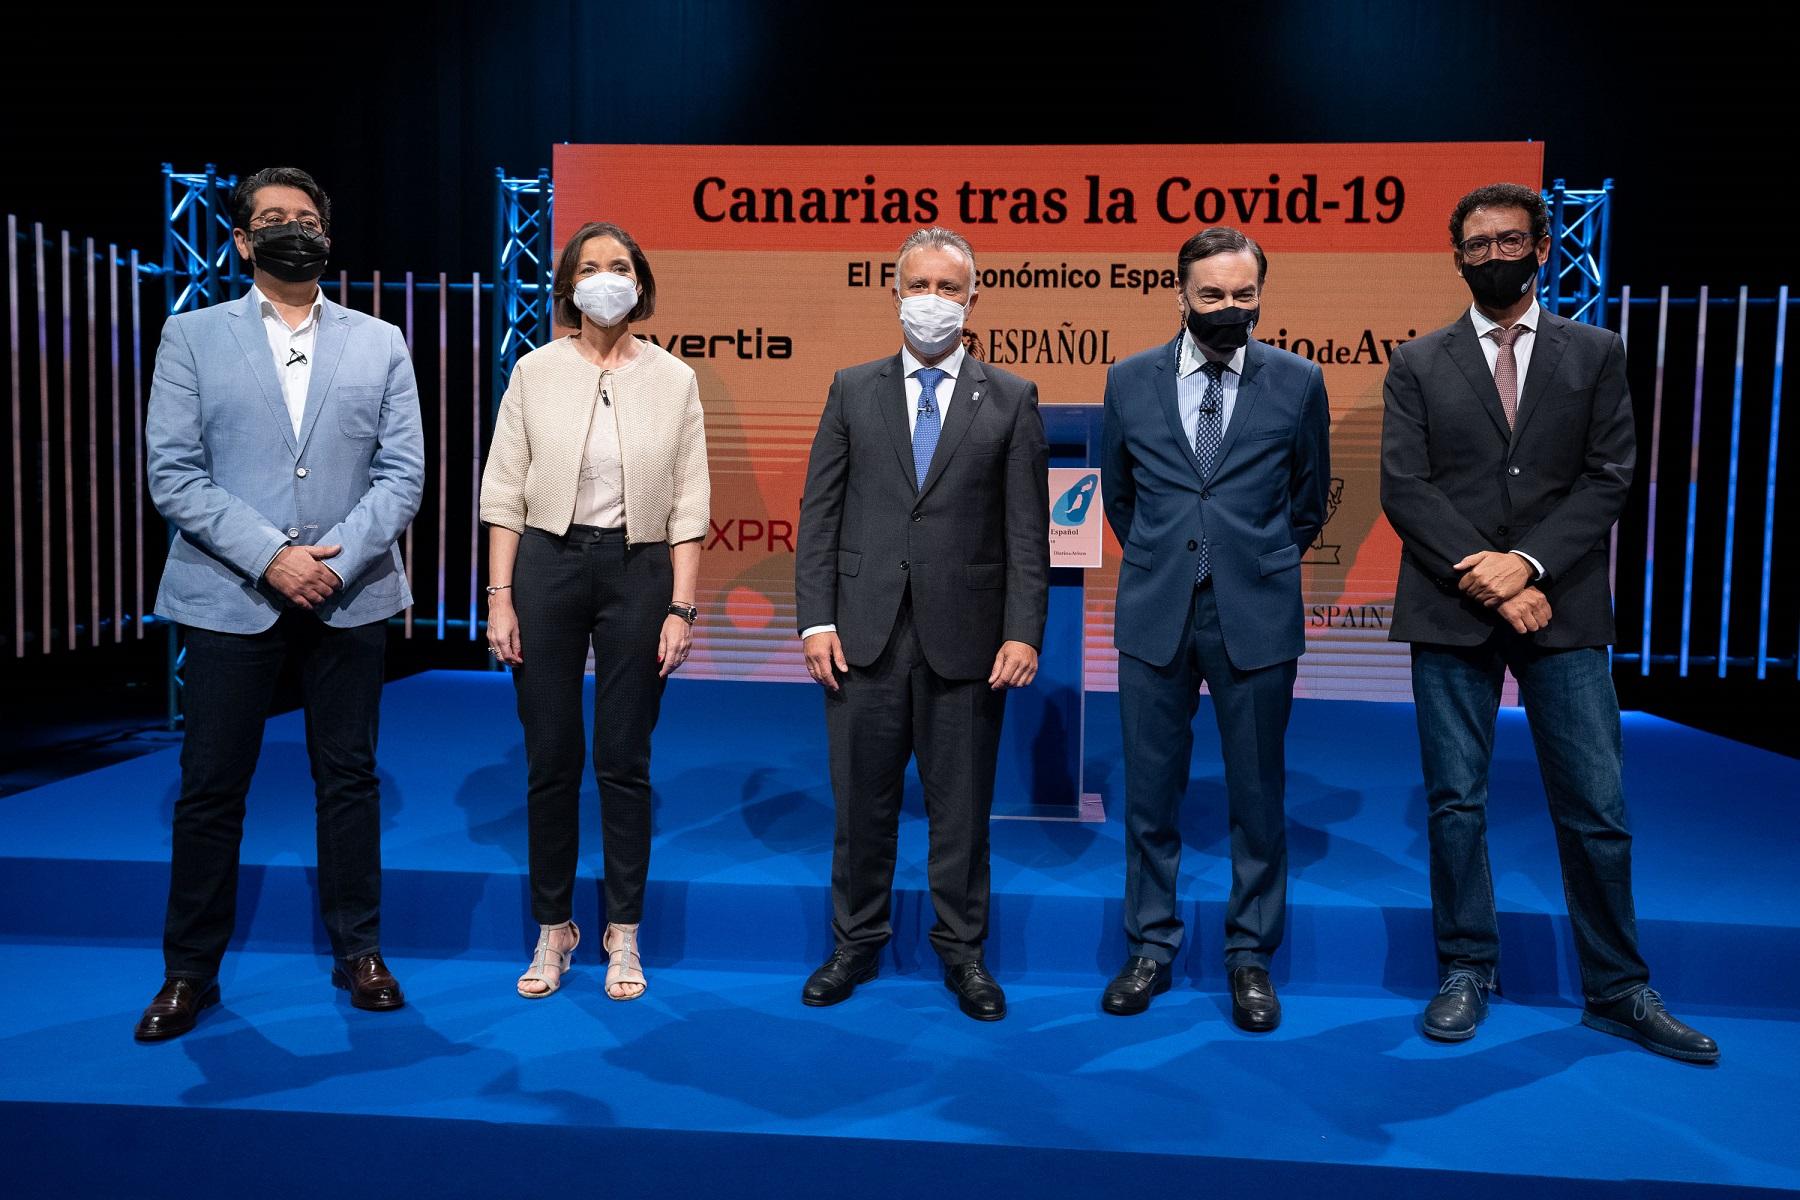 Foro Económico Español Canarias tras la COVID-19